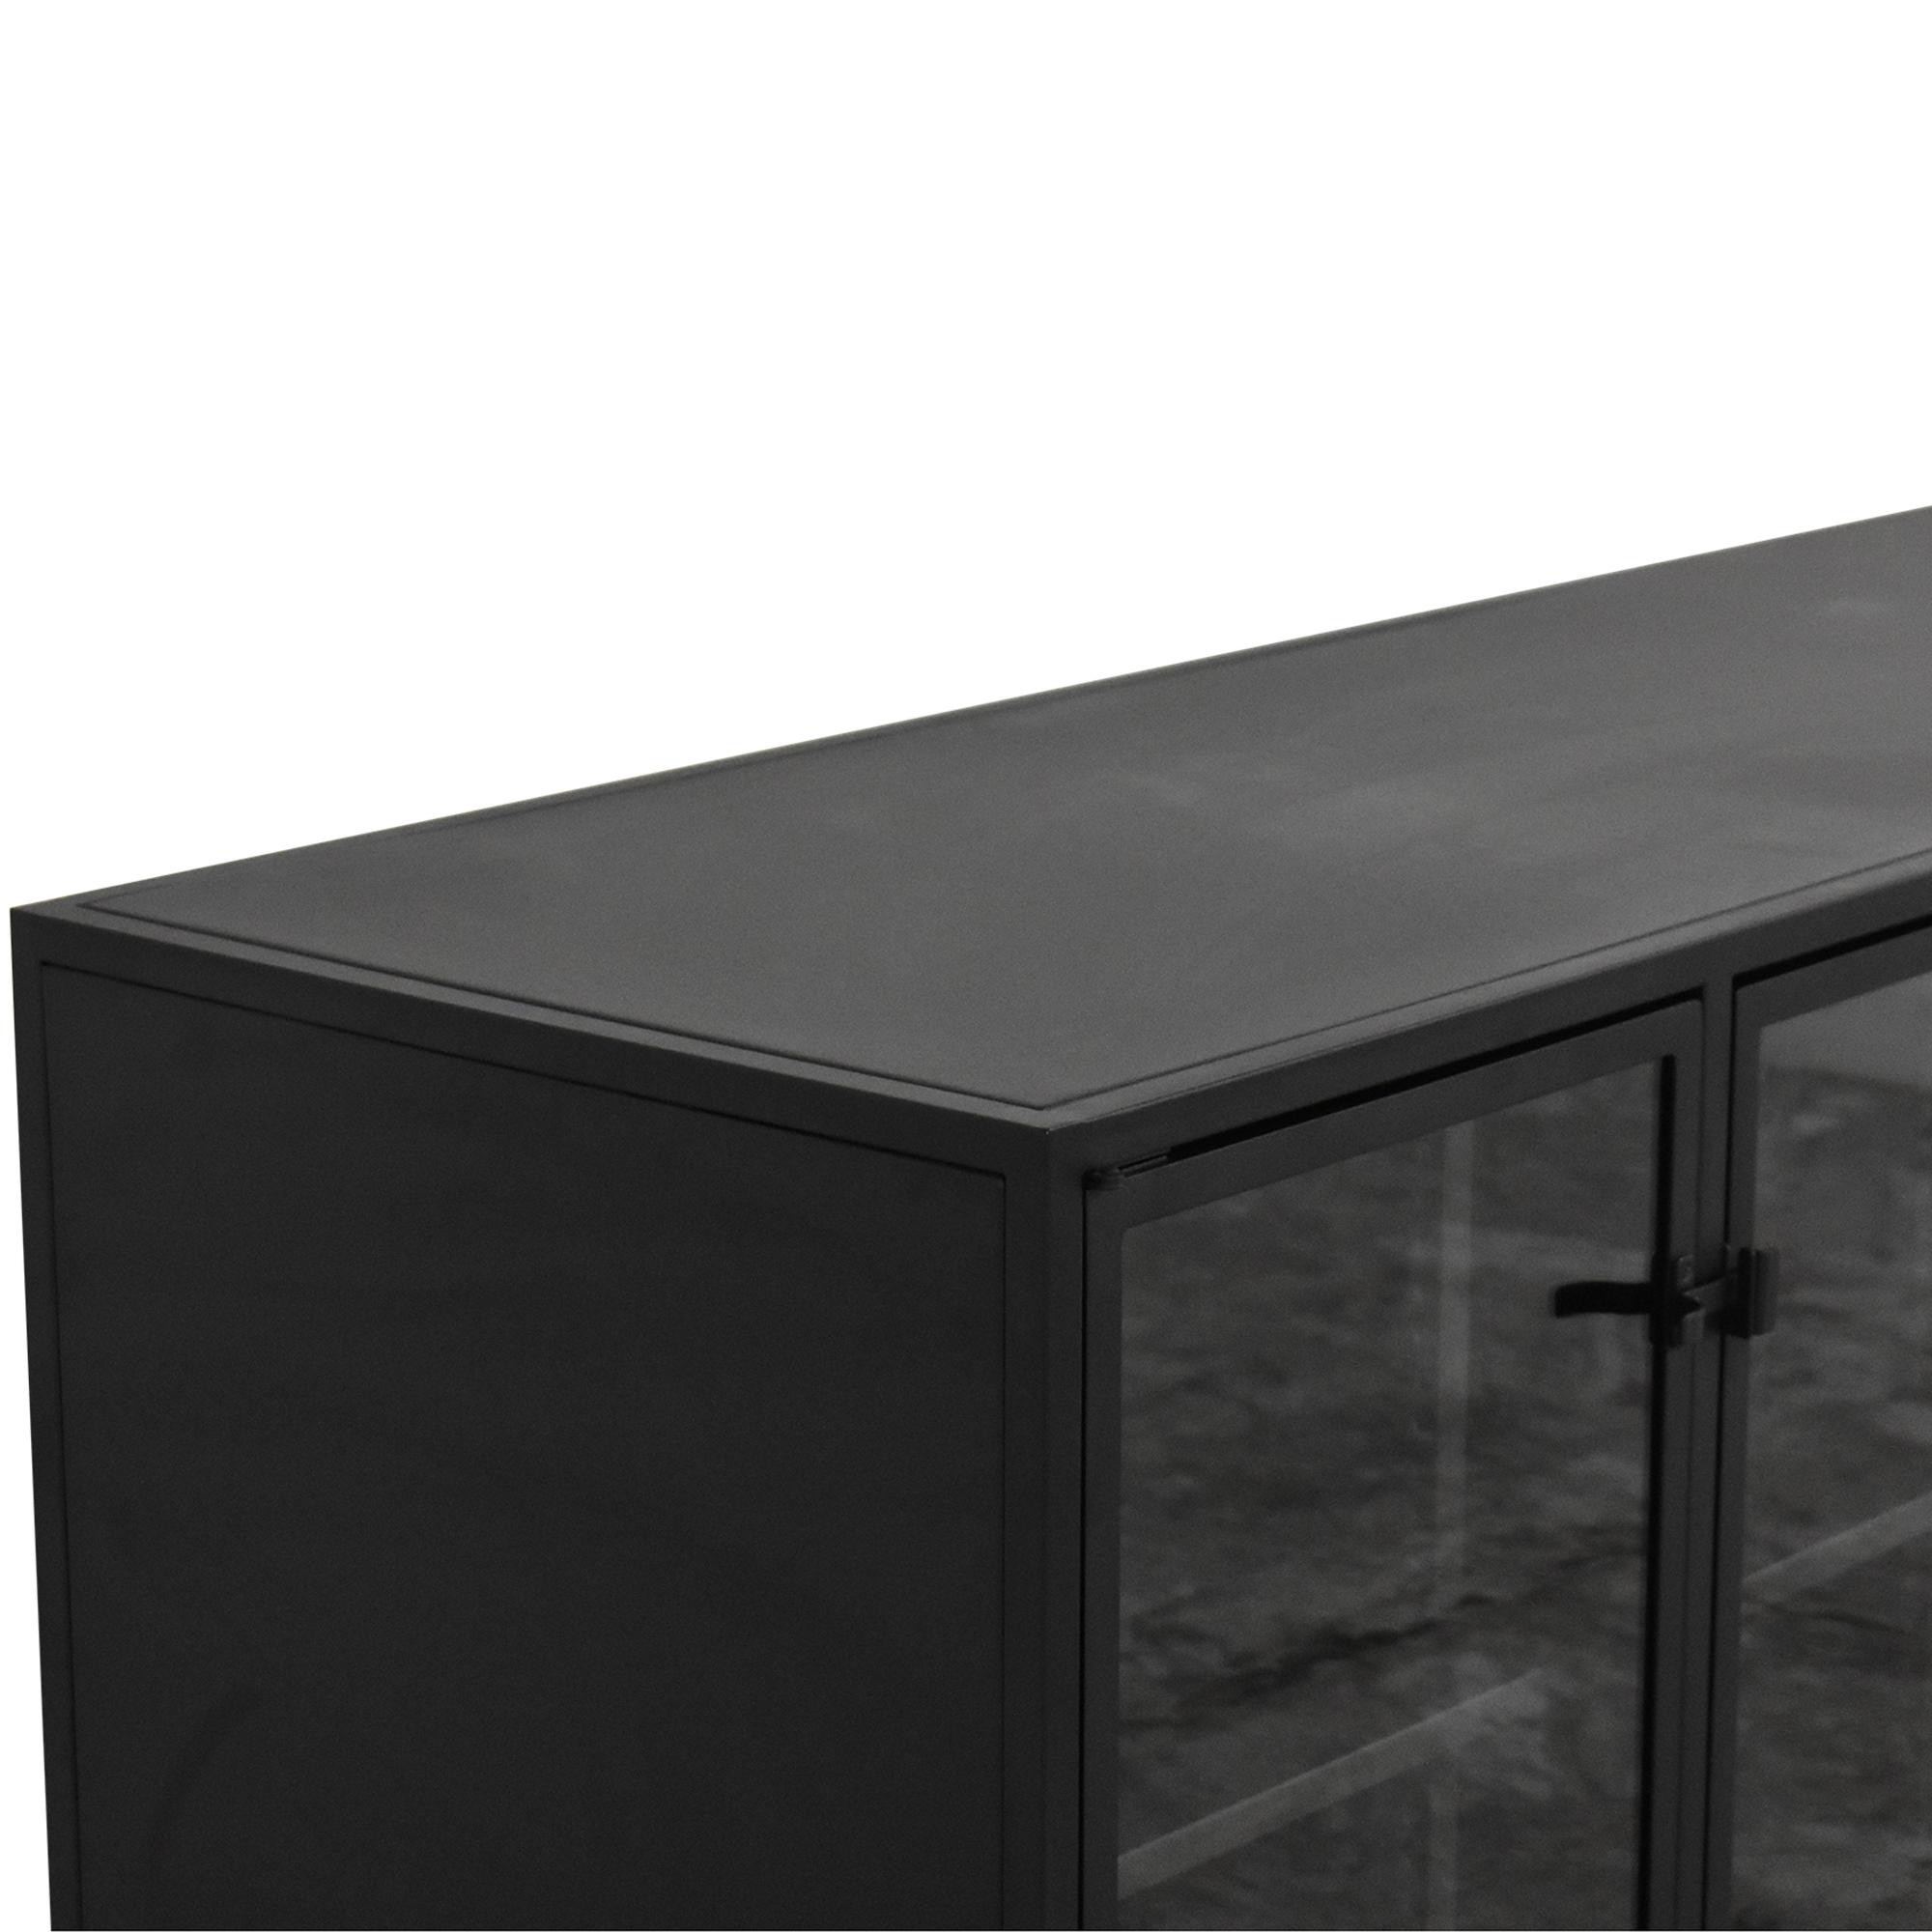 shop Crate & Barrel Casement Large Sideboard Crate & Barrel Cabinets & Sideboards